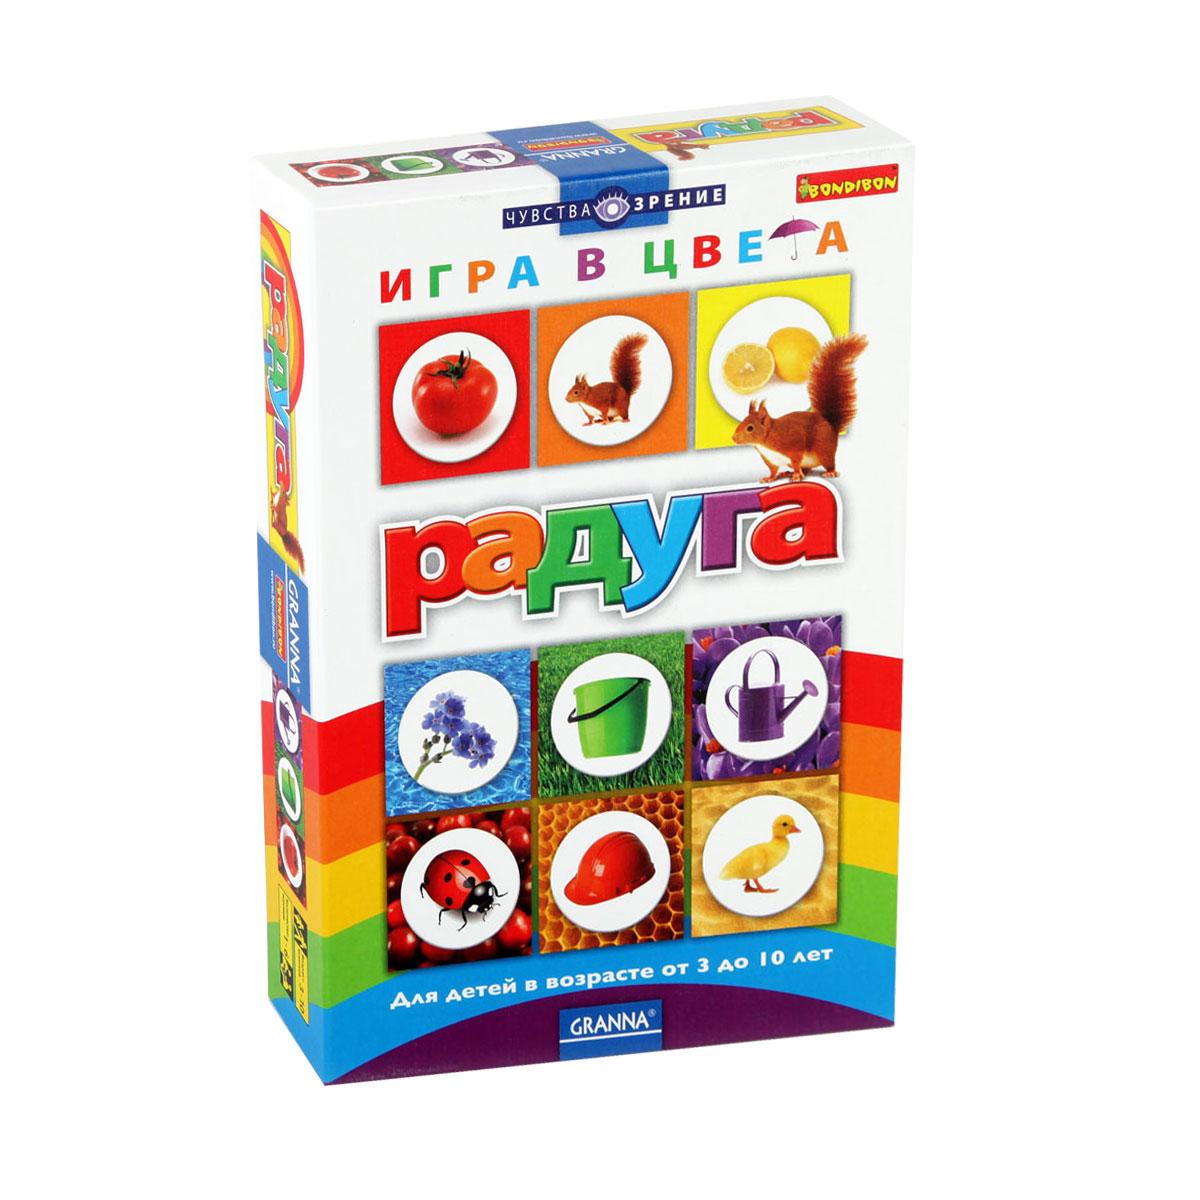 Настольная игра Bondibon РадугаВВ1012Настольная игра Bondibon Радуга - прекрасный помощник для родителей, который легко и быстро поможет вашему малышу научиться различать цвета и расширит его словарный запас. Игра имеет три уровня: 1 - научит малыша распознавать и называть цвета; 2 - поможет тренировать память; 3 - отличный способ развить зрительную память, внимание и усидчивость. Радужное поле для игры и разноцветные картинки на жетонах очень понравятся ребенку, и он будет играть и развиваться с удовольствием. В комплект игры входят: игровое поле, 36 кружочков с картинками (по 6 каждого цвета), кубик с цветными гранями и правила игры на русском языке.